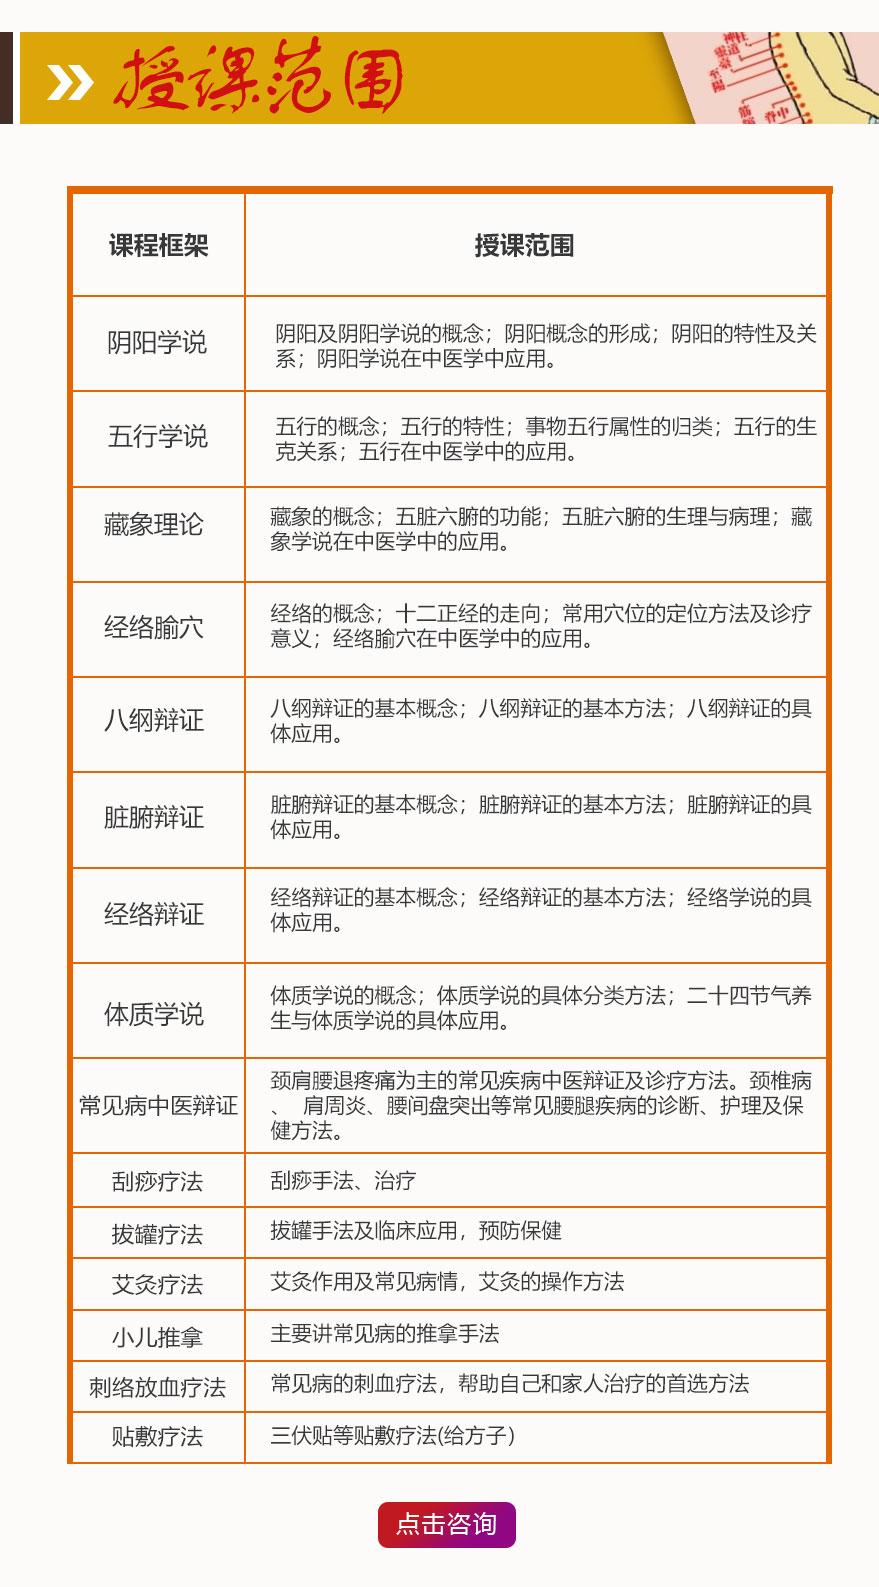 中医基础招生简章_04.jpg